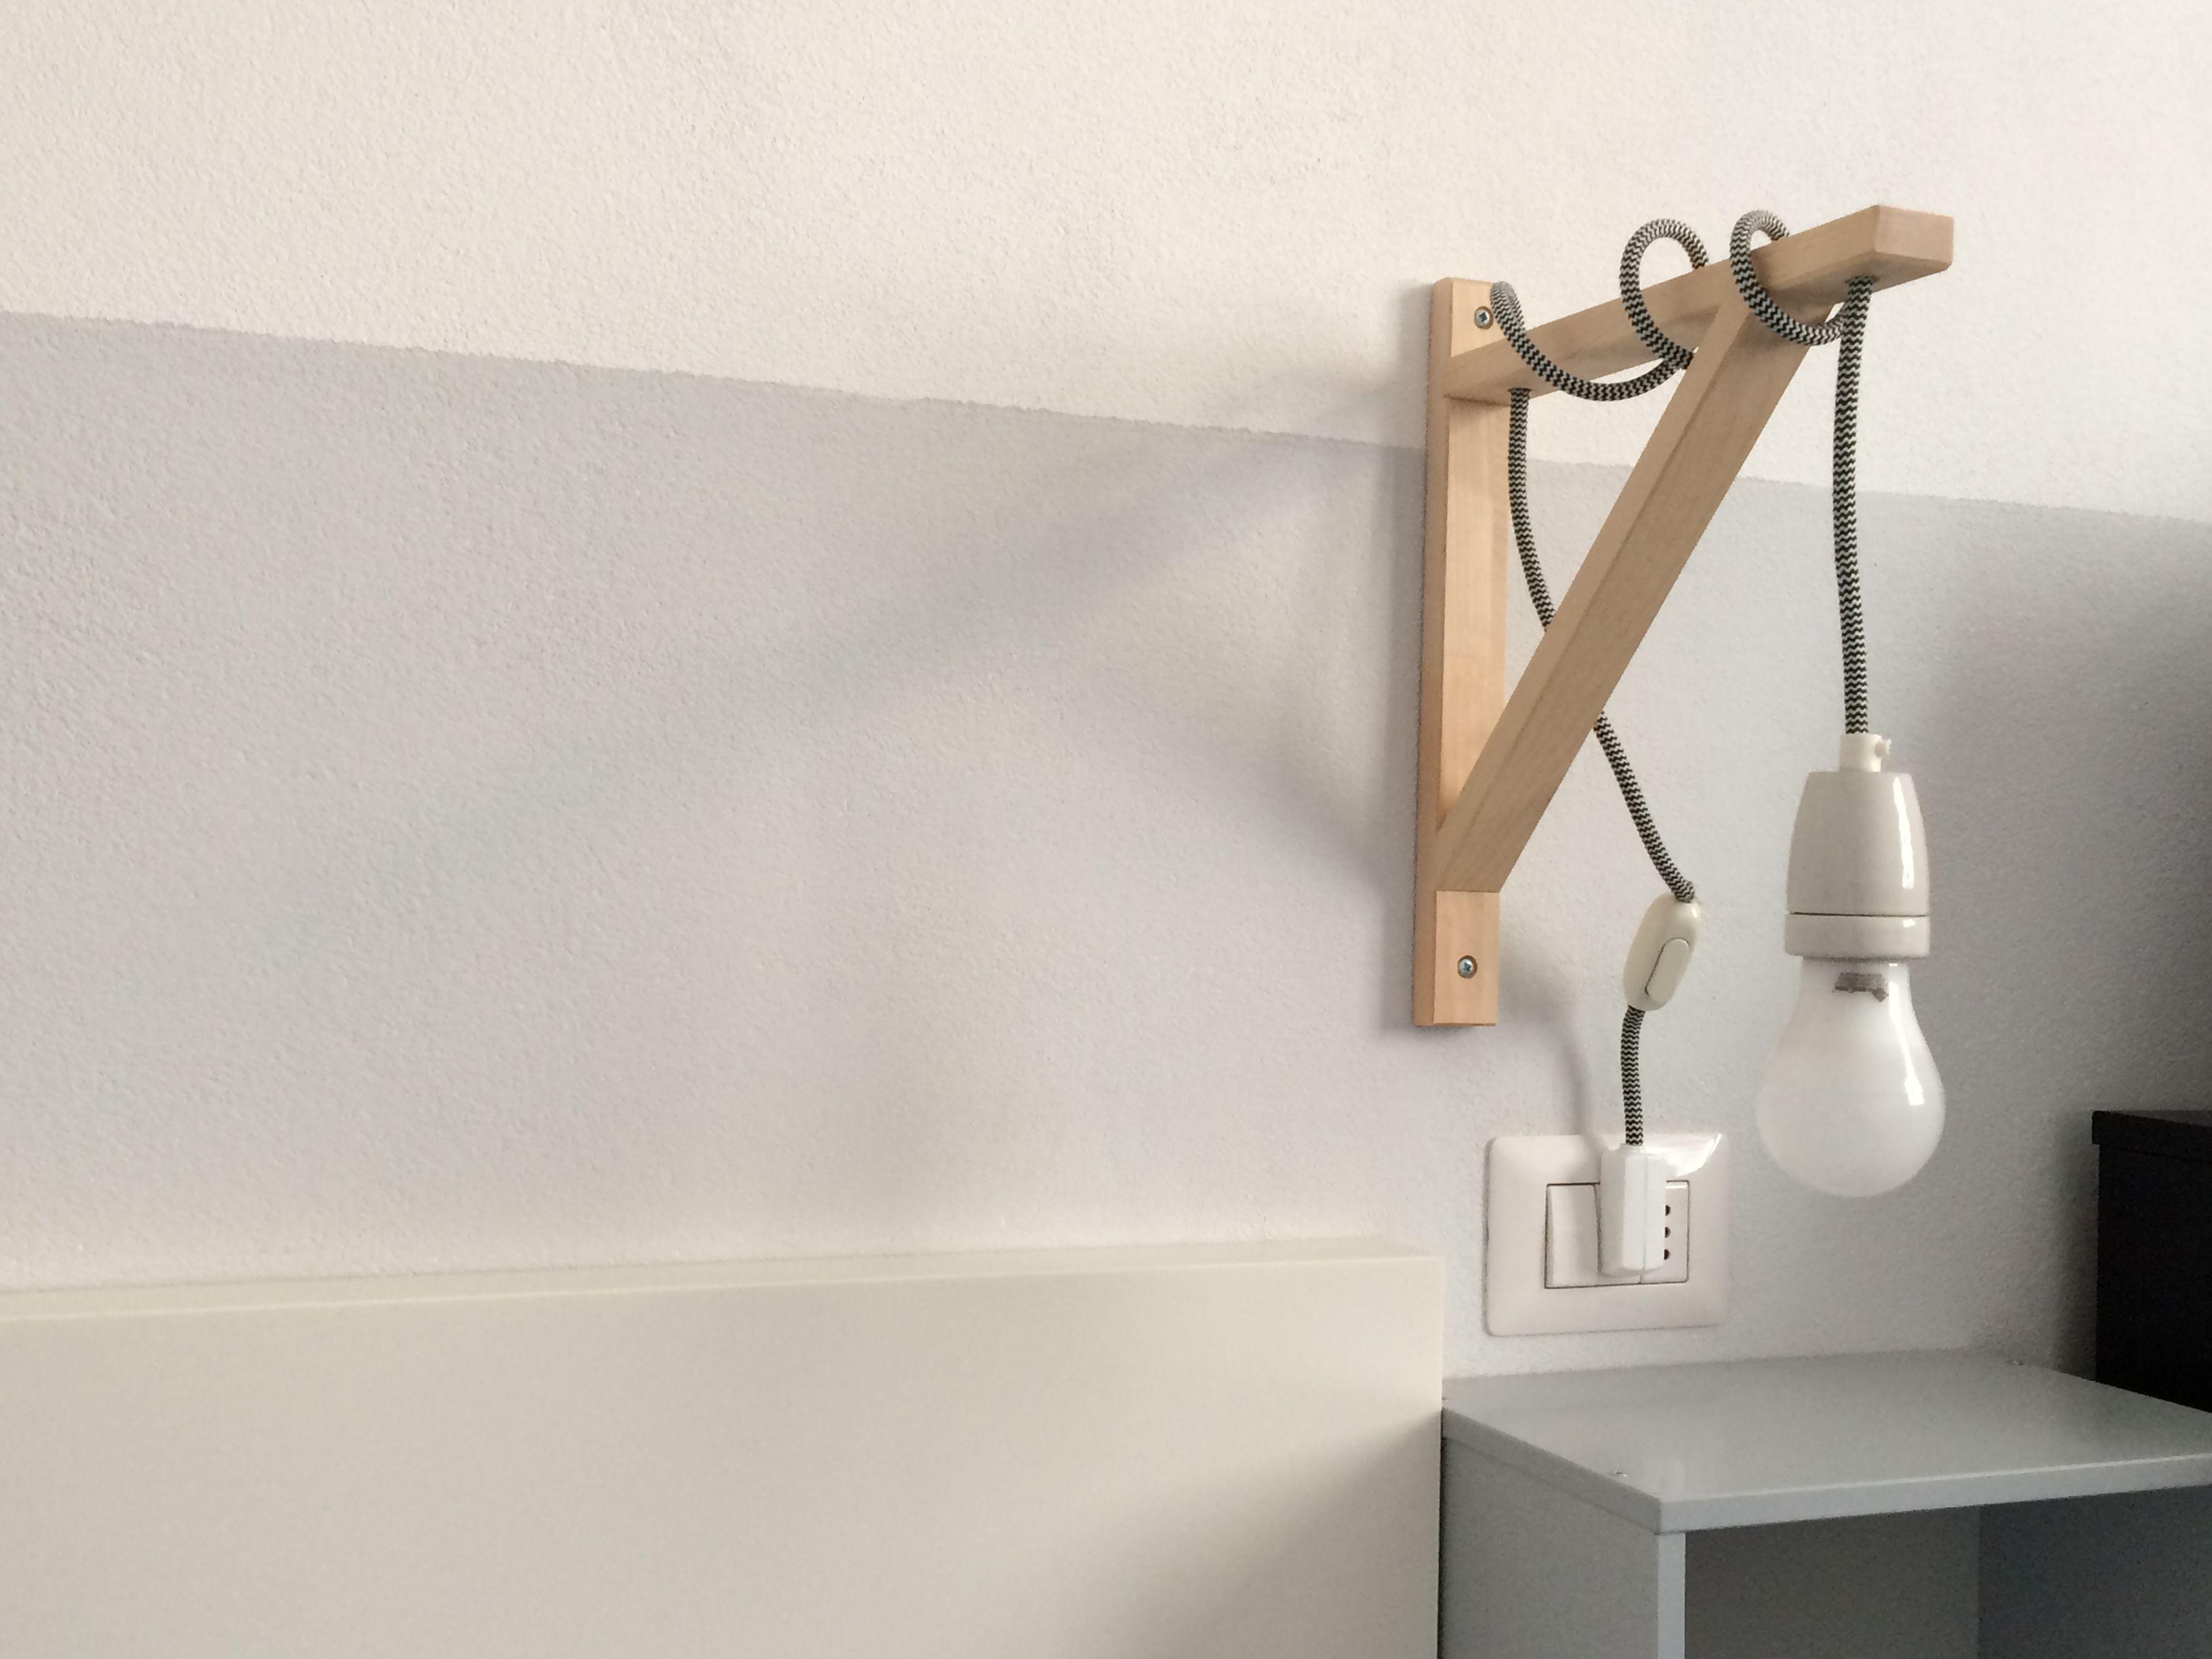 Cool Coole Nachttischlampe Das Beste Von Als Ikea Hack